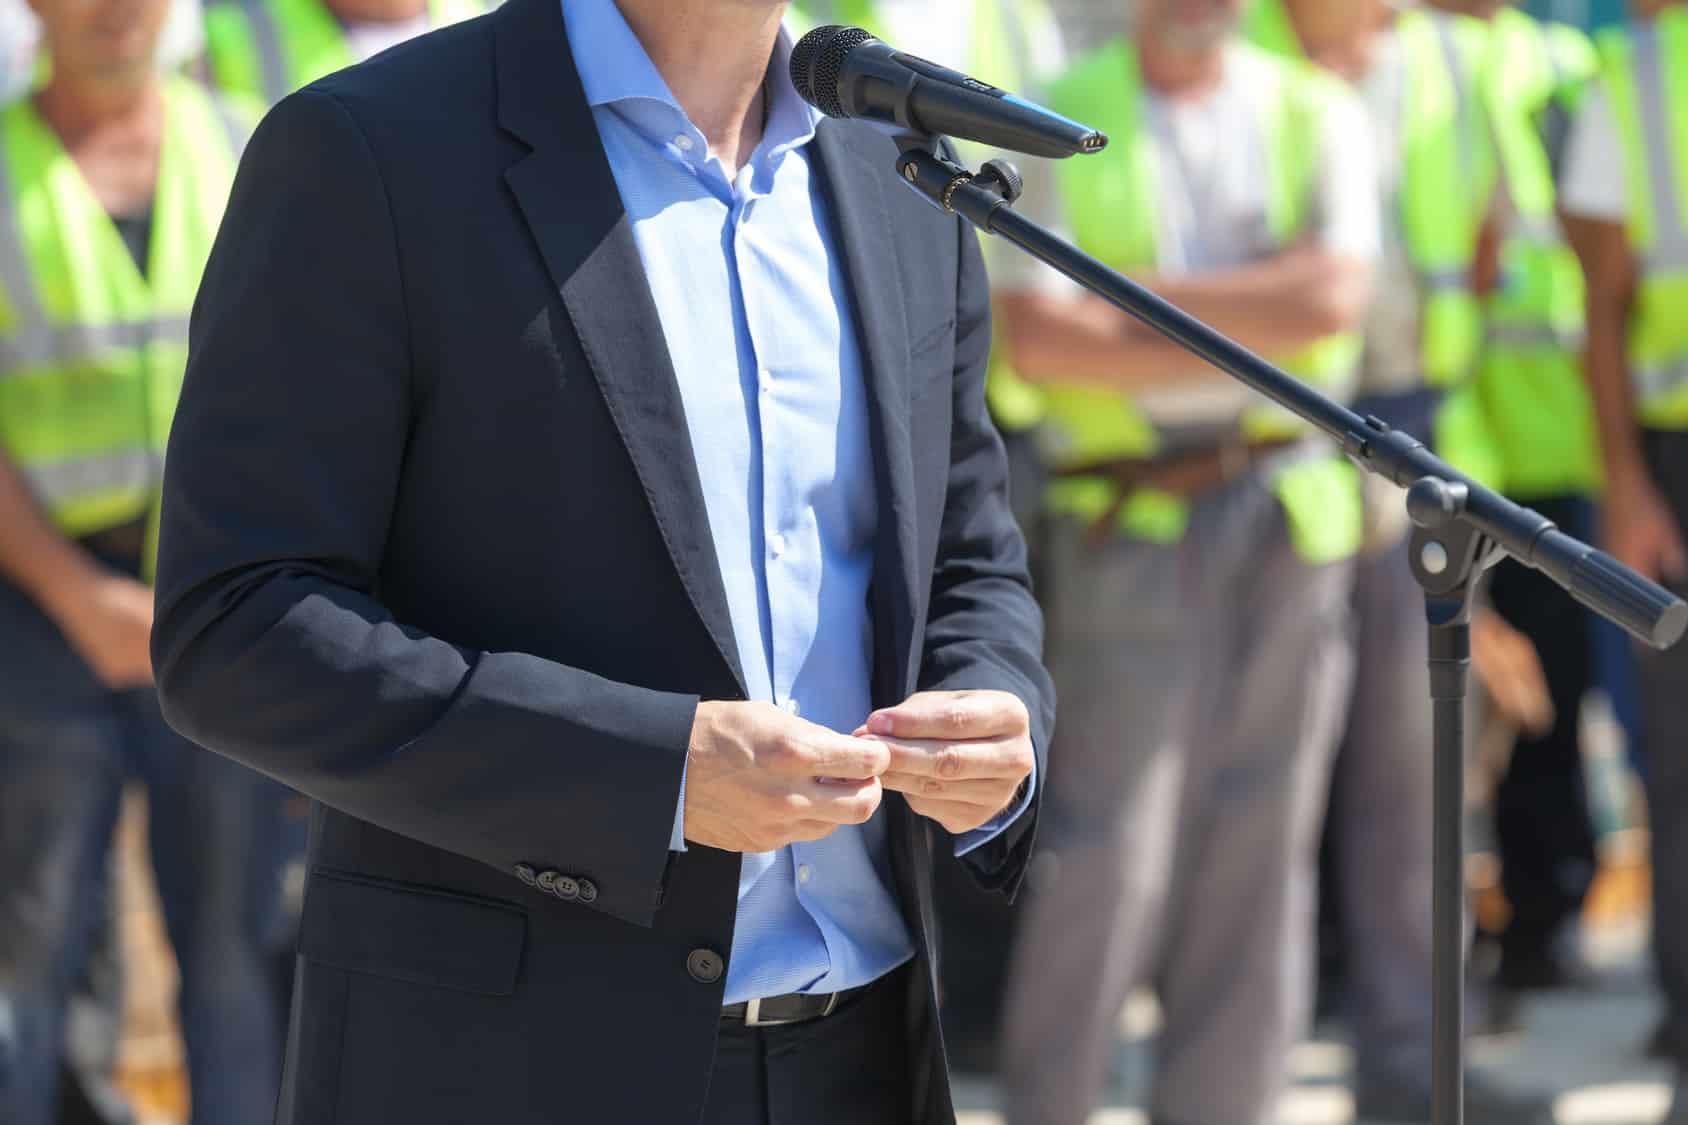 En la jornada electoral del 1 de julio no sólo elegiremos al próximo presidente de México, también decidiremos qué clase de porvenir queremos construir para México y su gente.